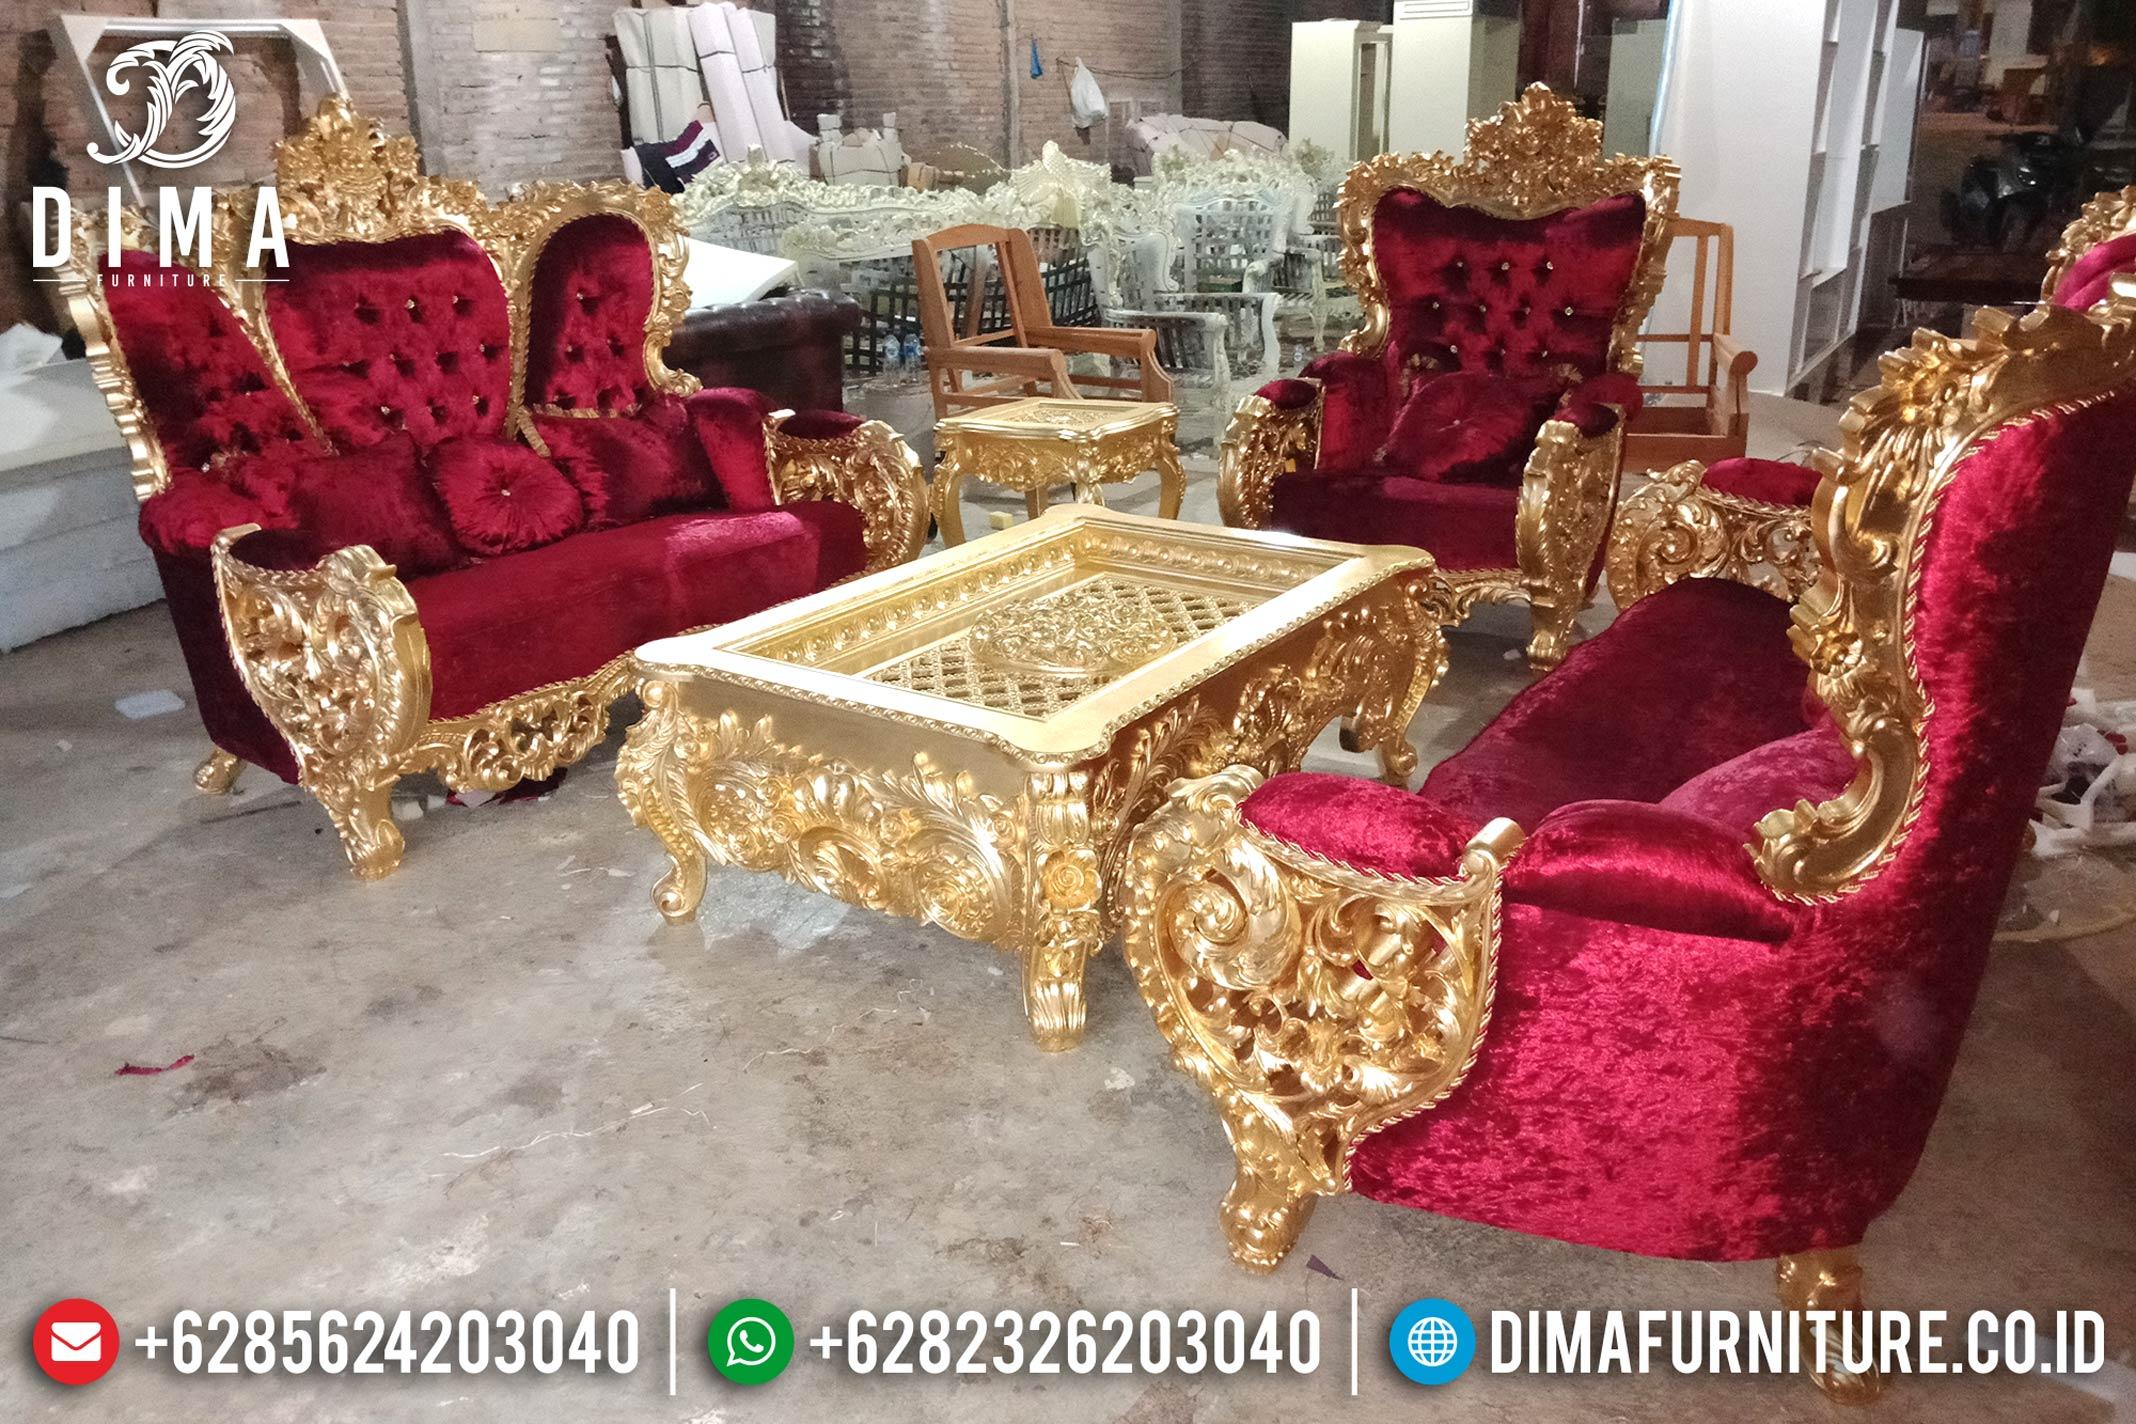 Model Set Kursi Sofa Tamu Mewah Jepara Seri Bellagio Gold Leaf Royal DF-0859 Gambar 2